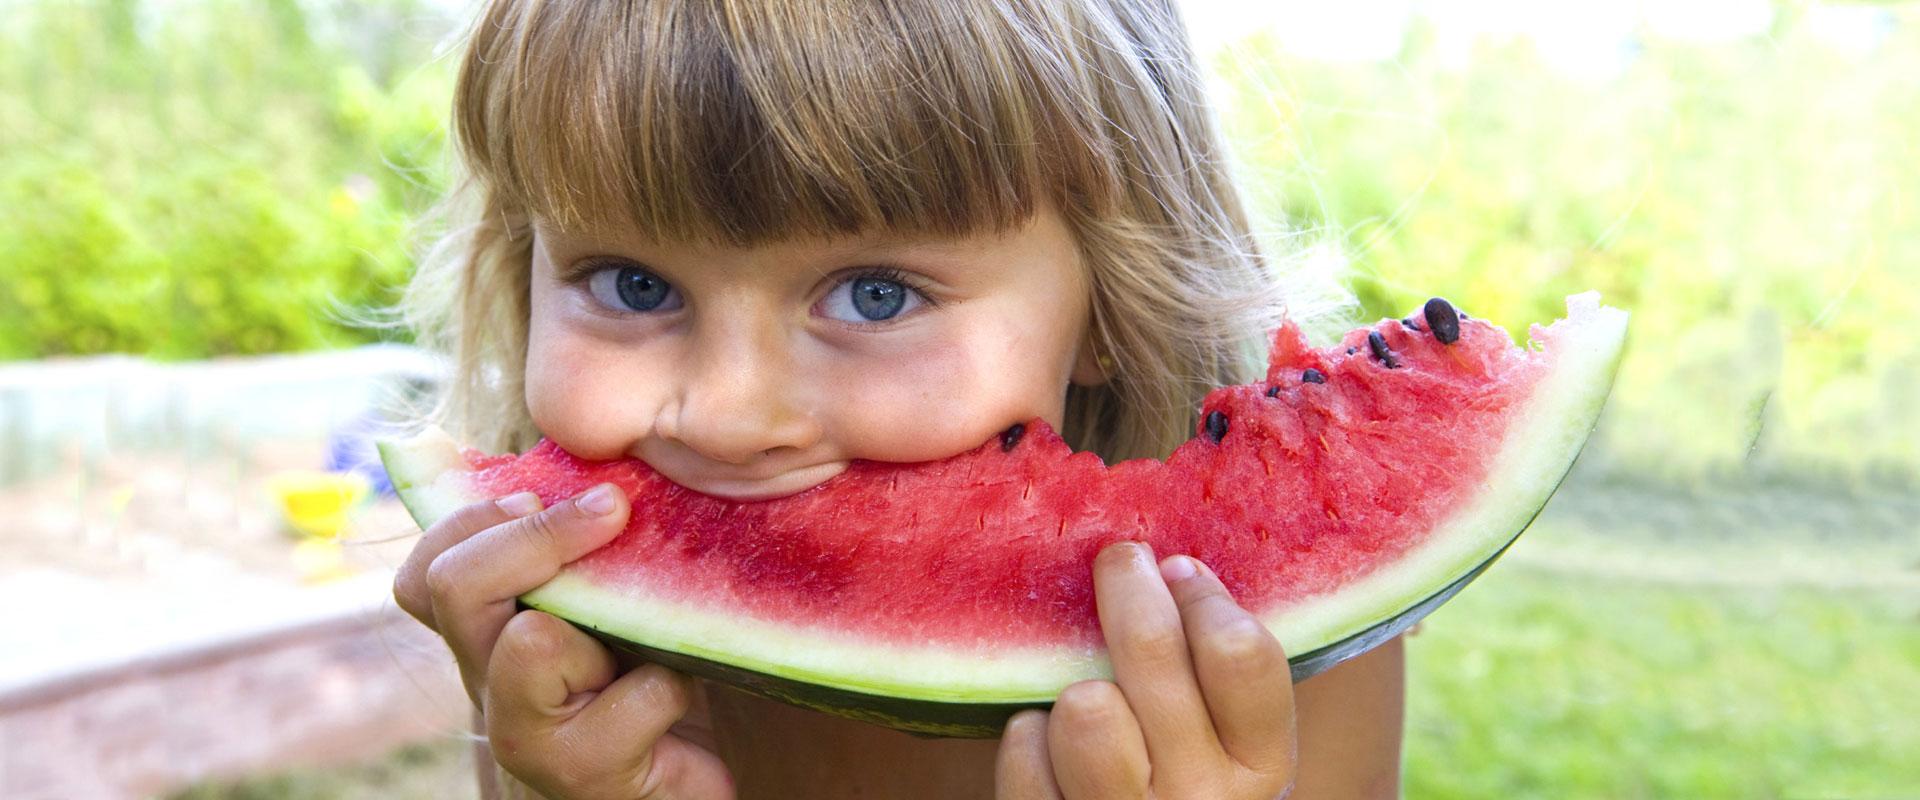 Nutrição na Infância e Adolescência